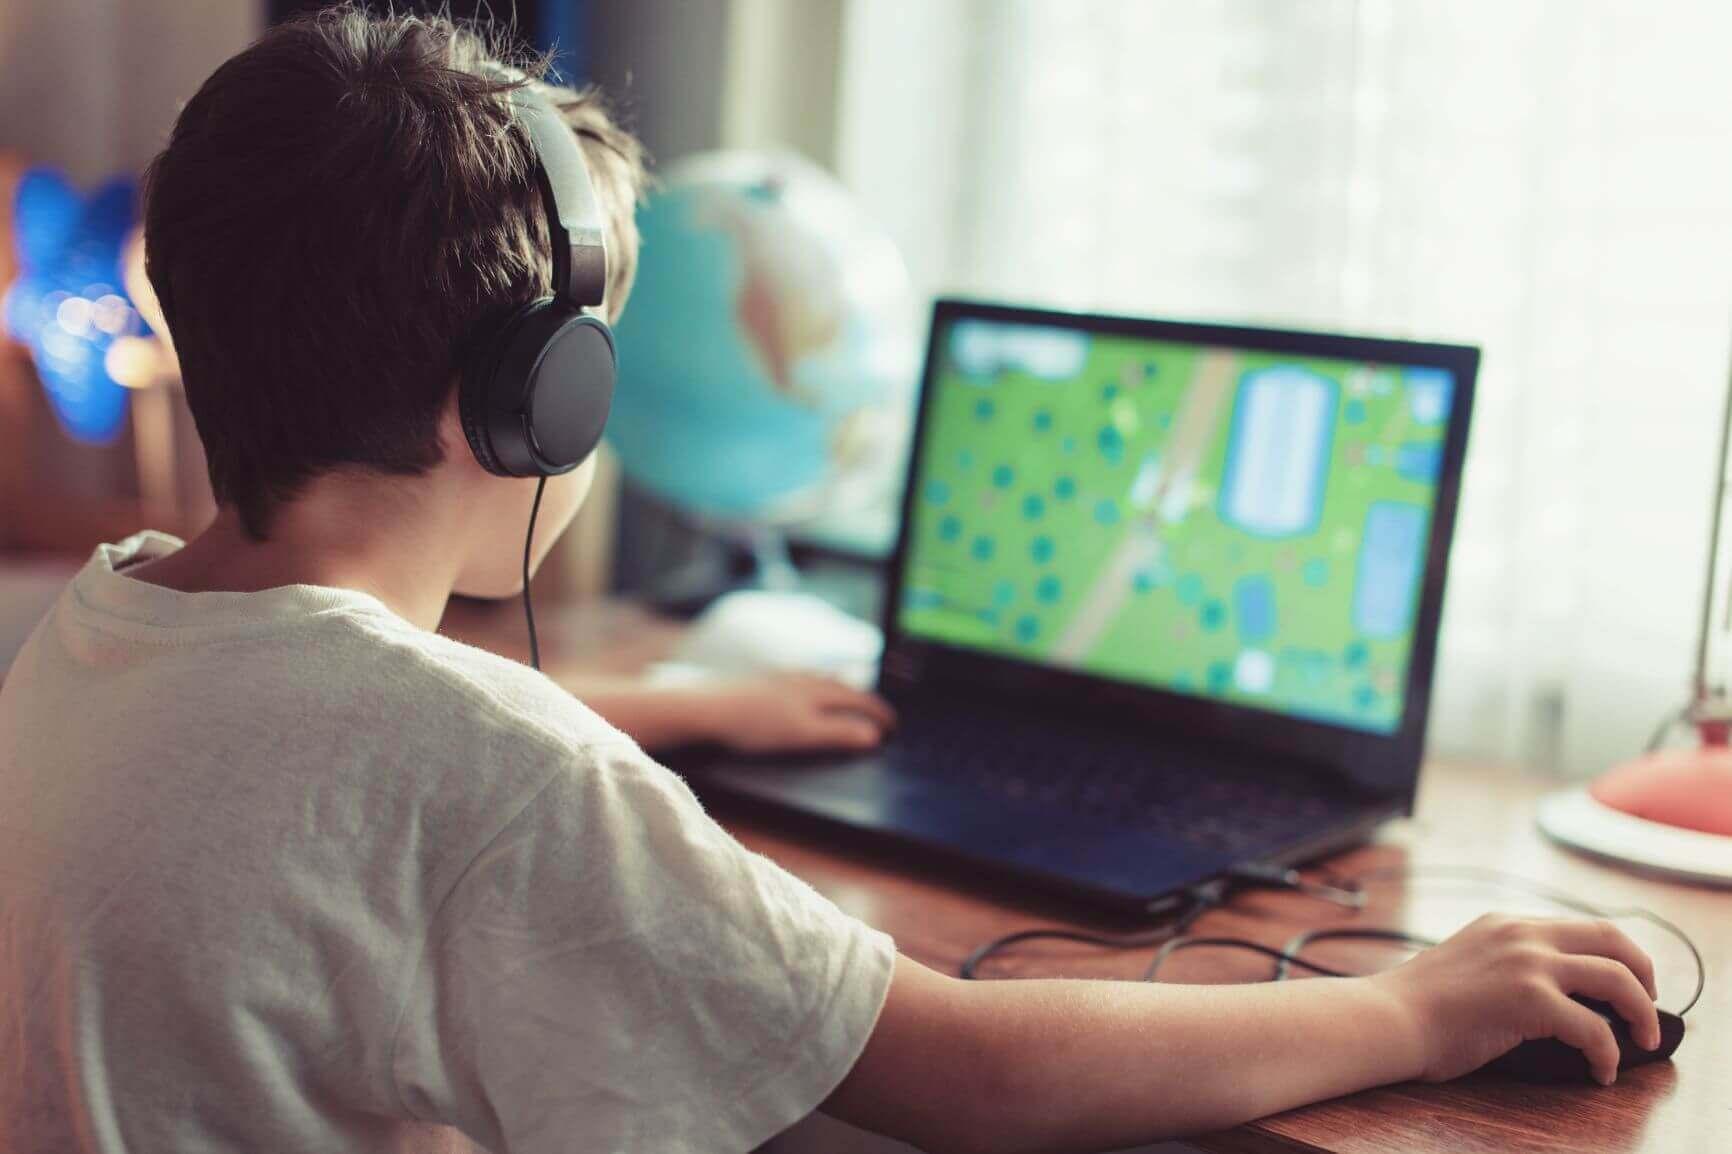 Wenn Kinder gerne Computerspiele mit hohen Anforderungen spielen, sollte im Computer auch eine gute Grafikkarte eingebaut sein